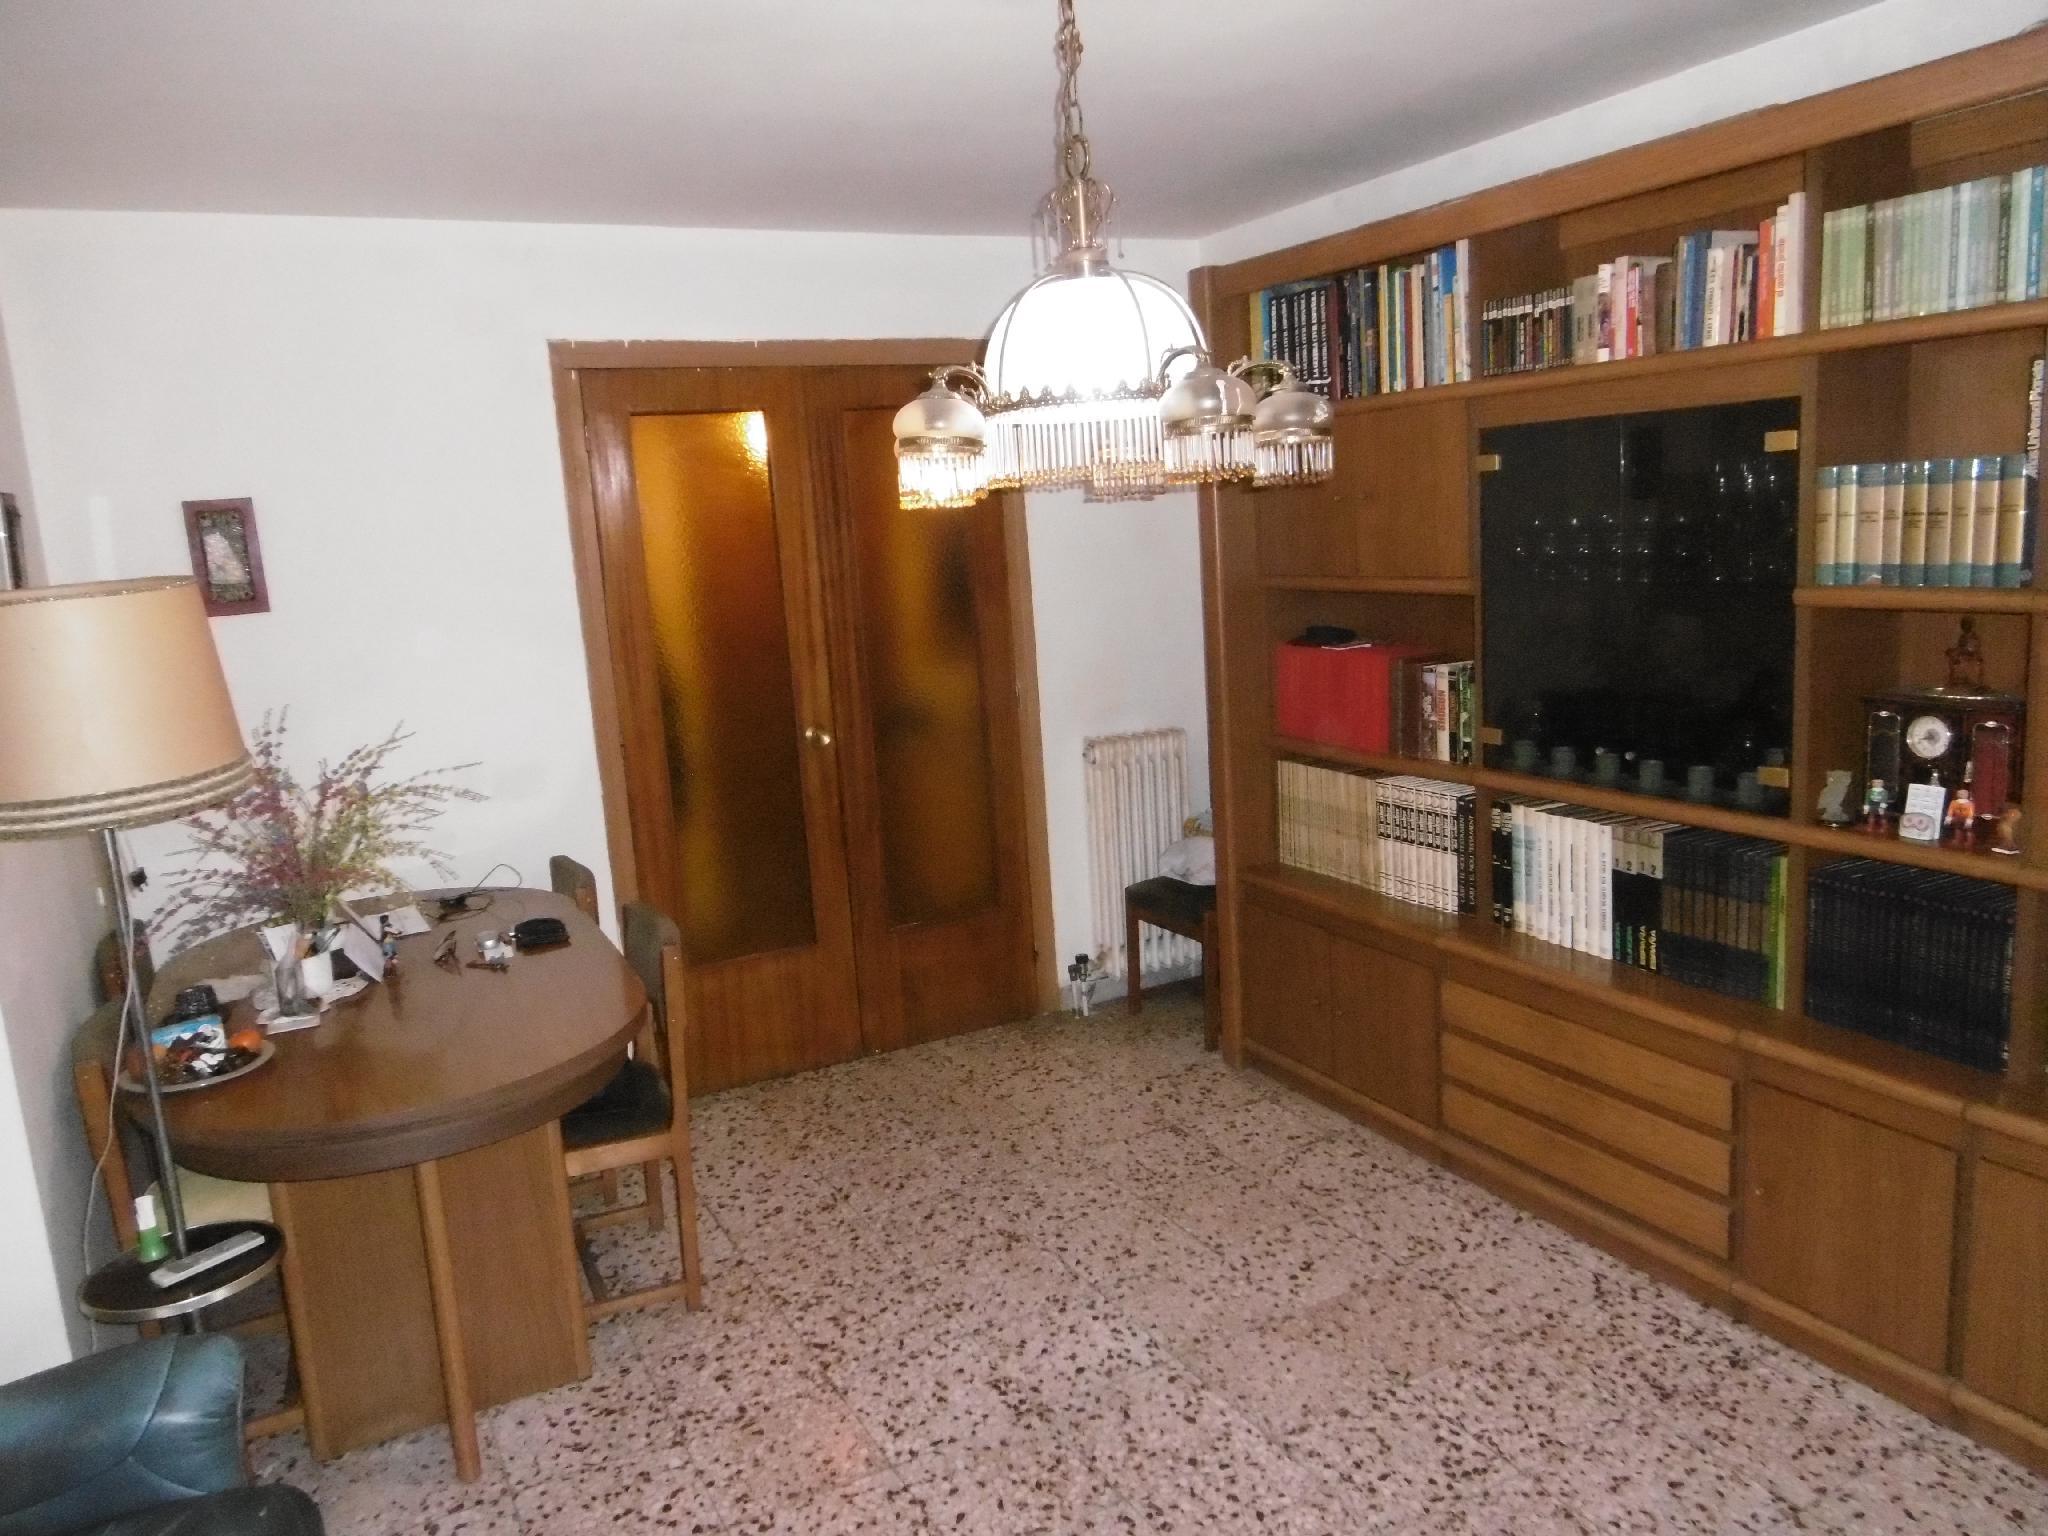 152367 - Piso en La Bordeta